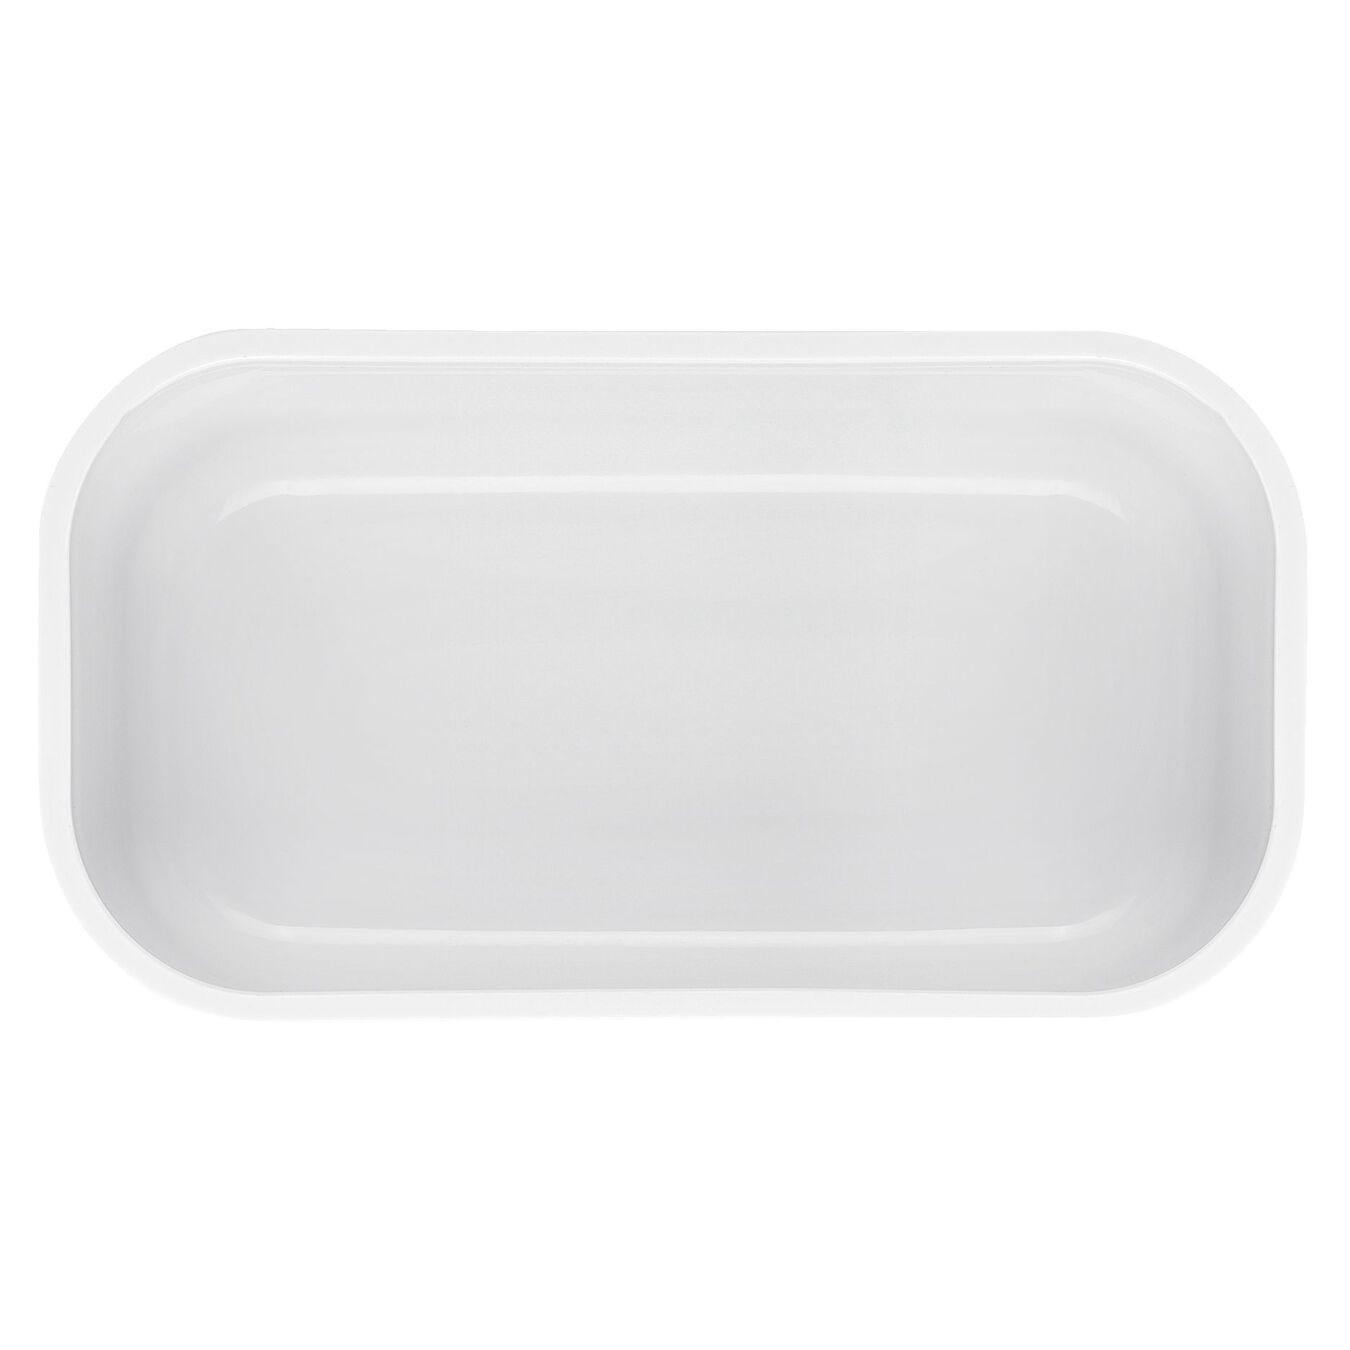 Vakuovací svačinový box FRESH & SAVE bílý S_1